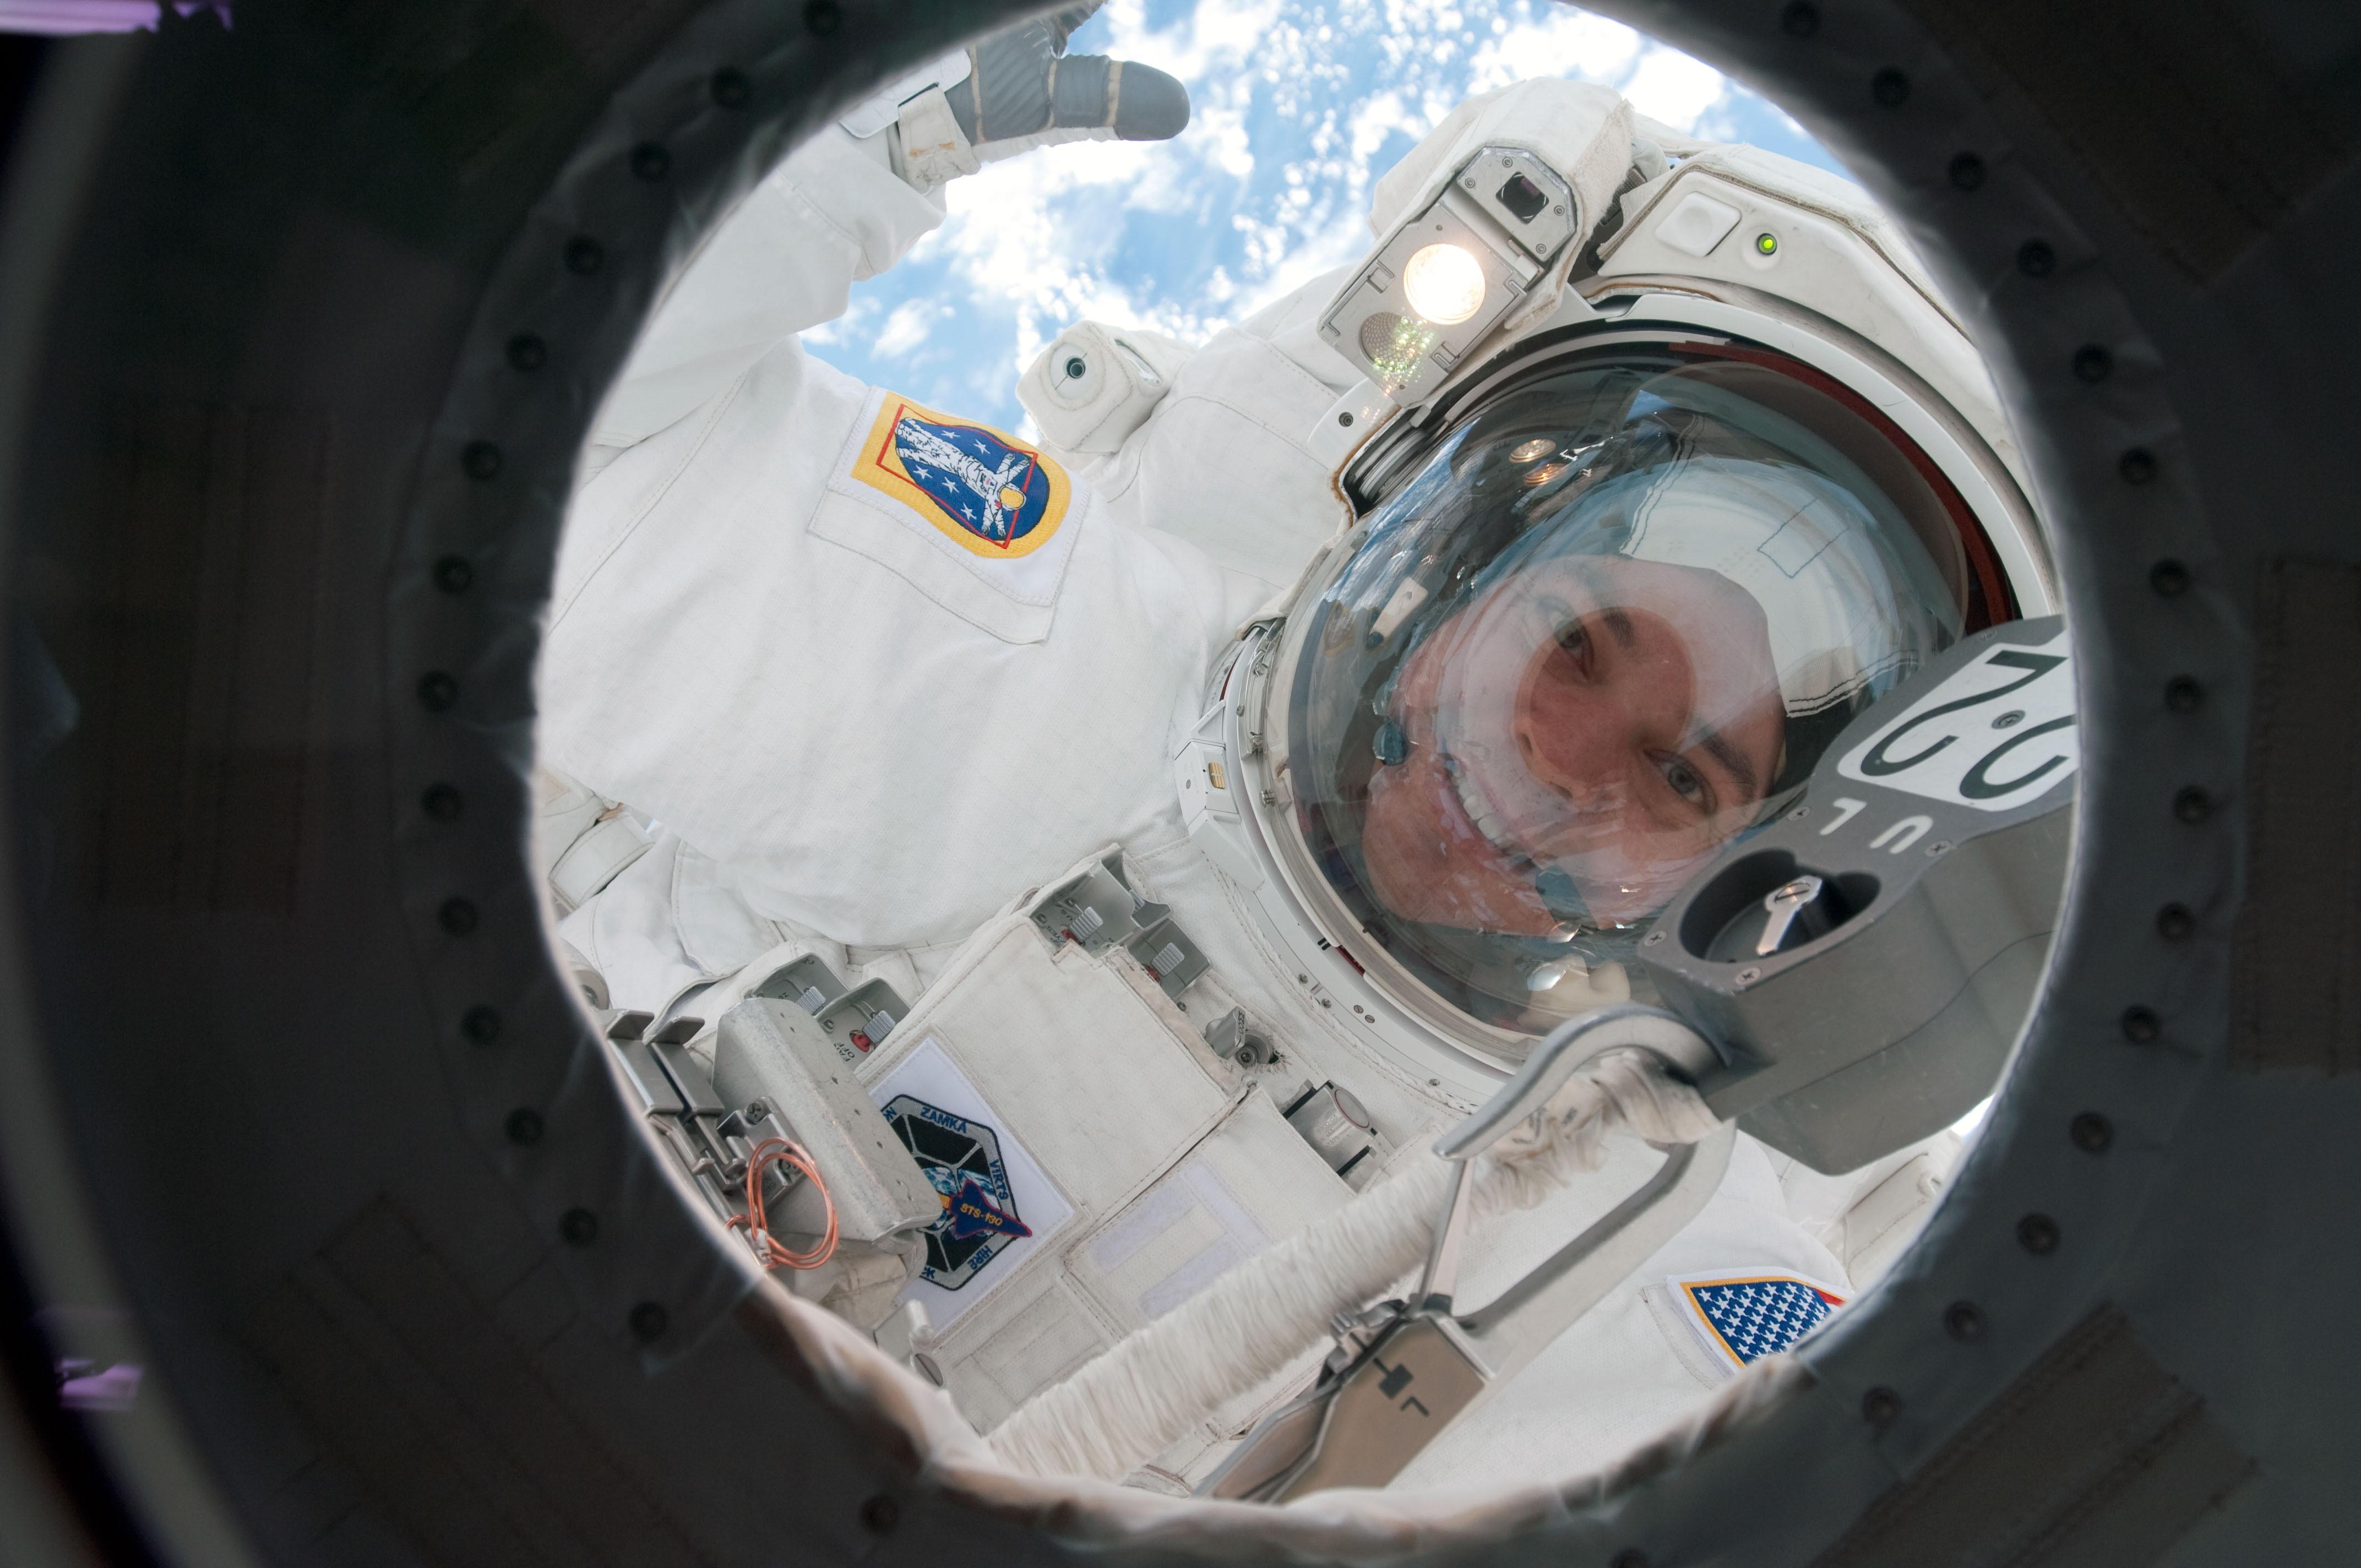 Astronauta Robert Behnken podczas spaceru kosmicznego w czasie misji STS-130 (Źródło: NASA)